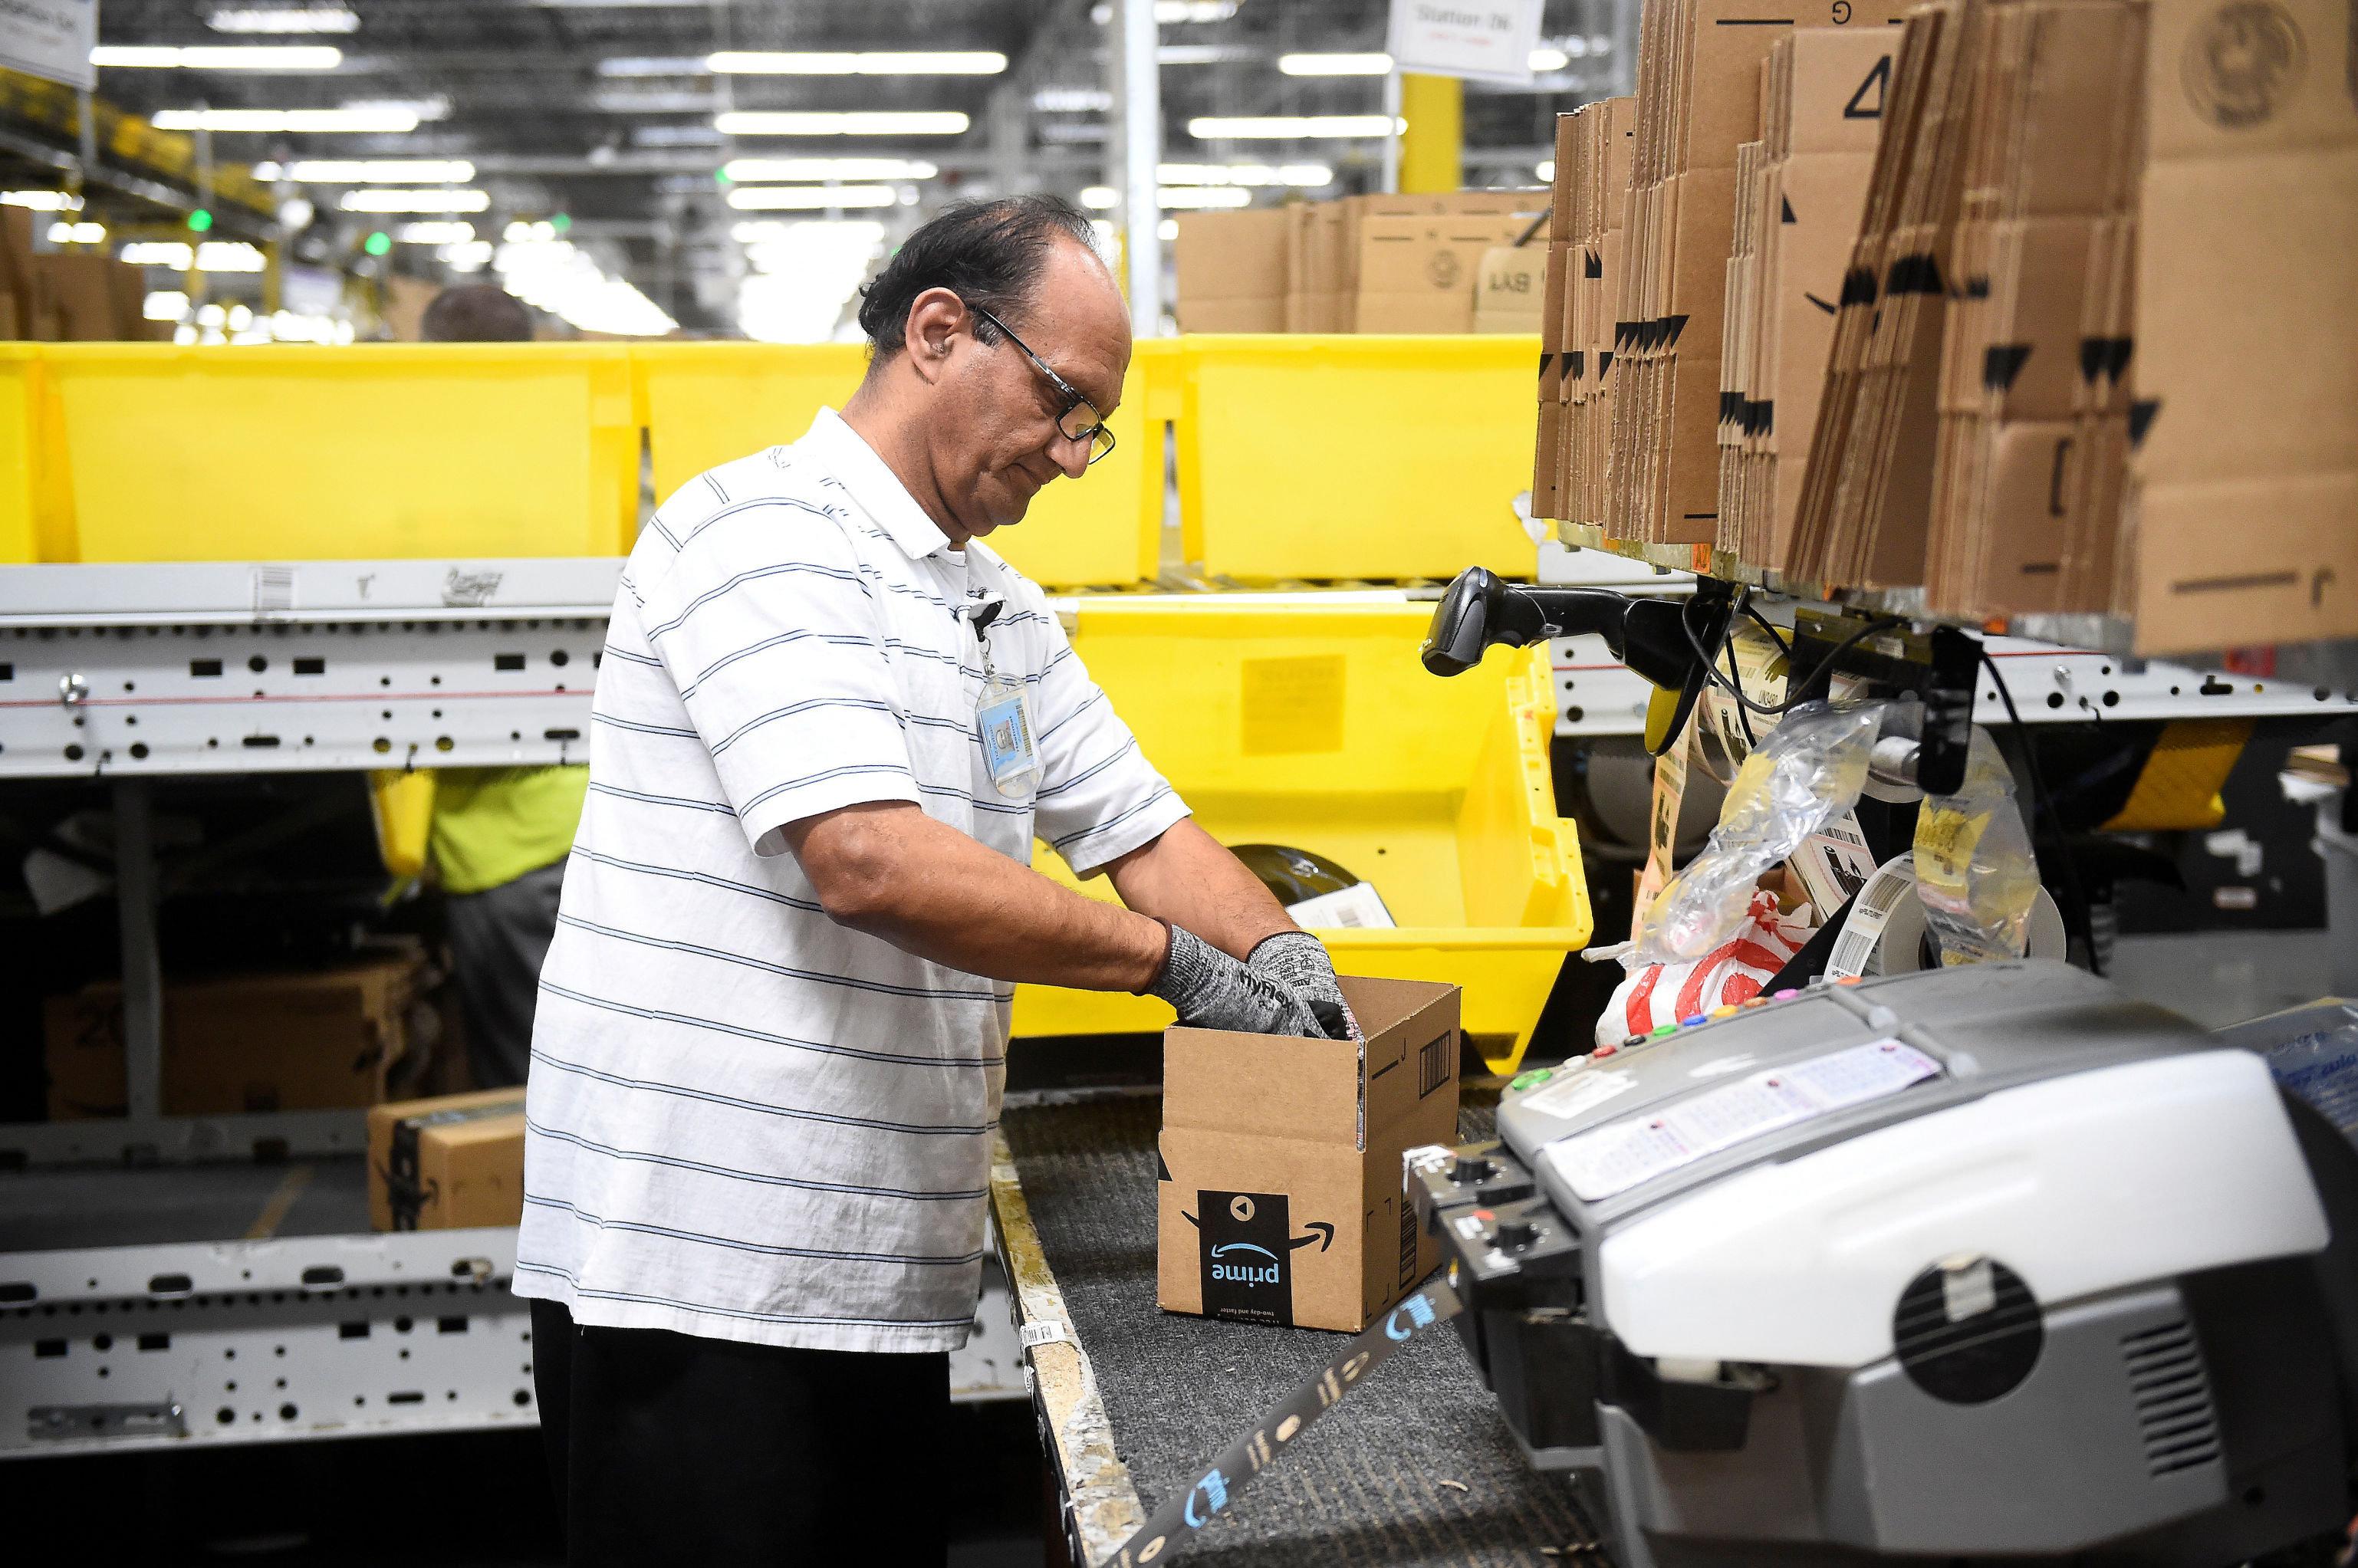 Empaquetador en un almacen de Amazon en Baltimore EEUU